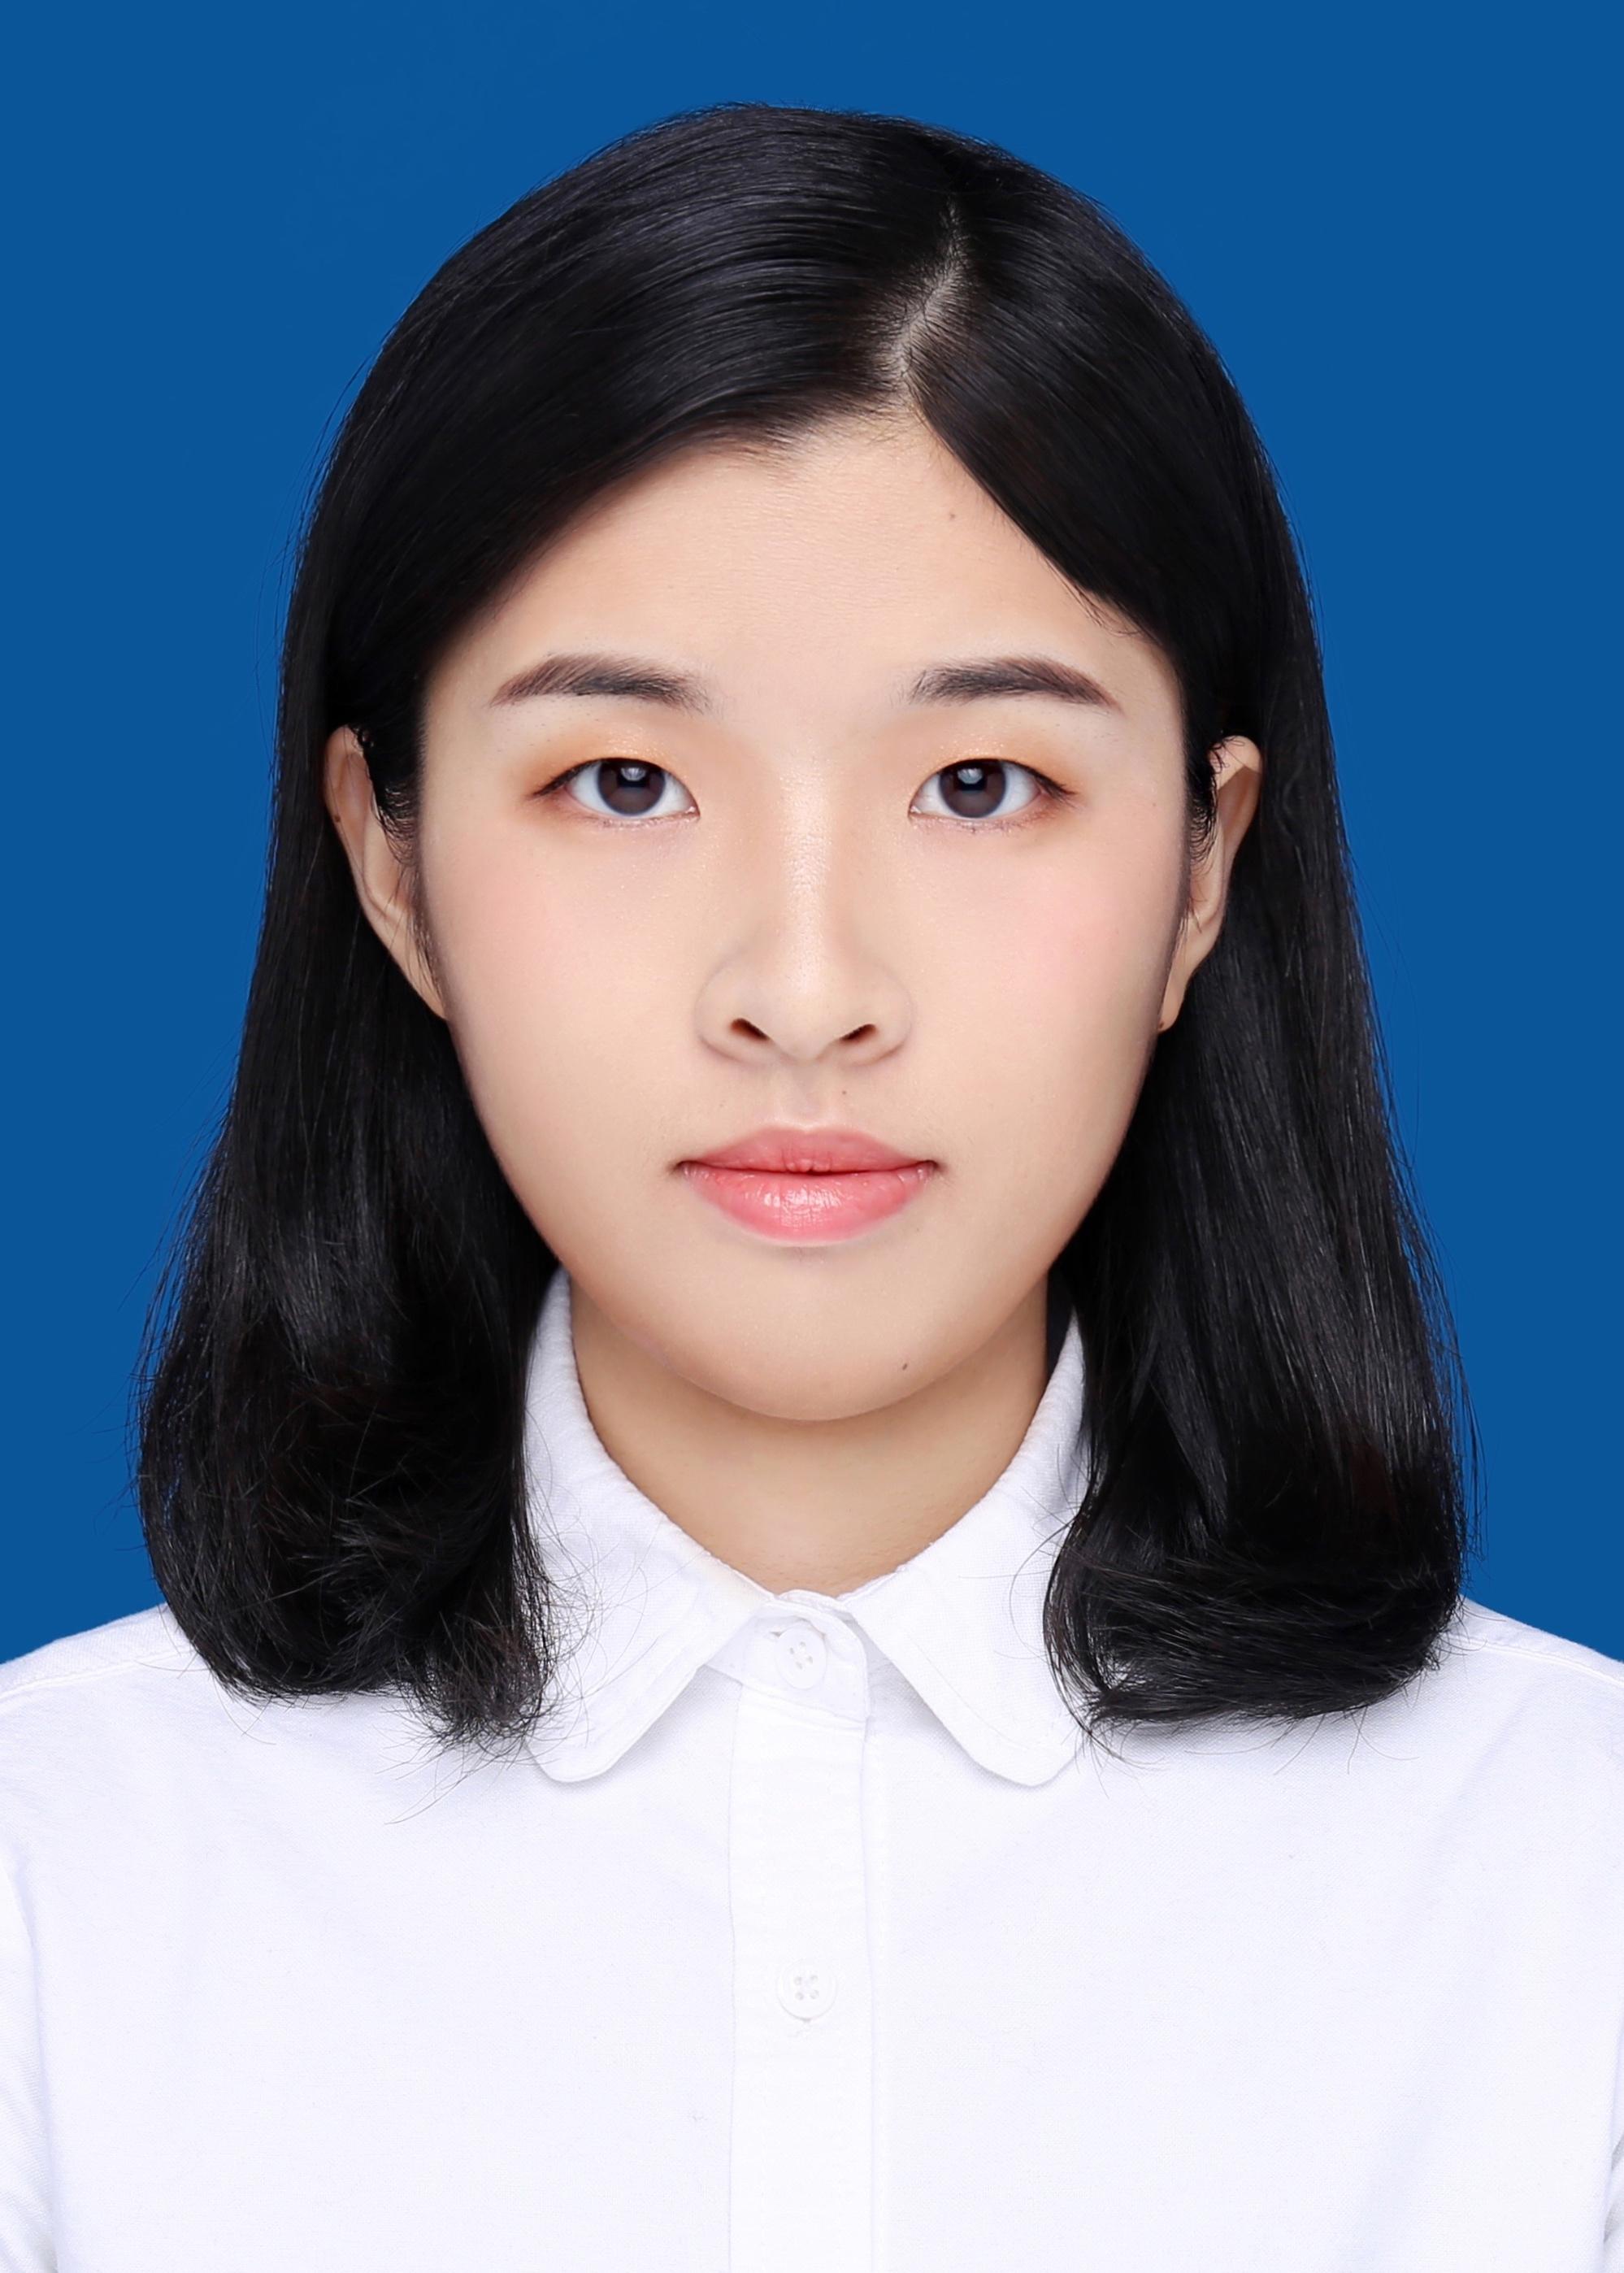 杭州家教邵教员